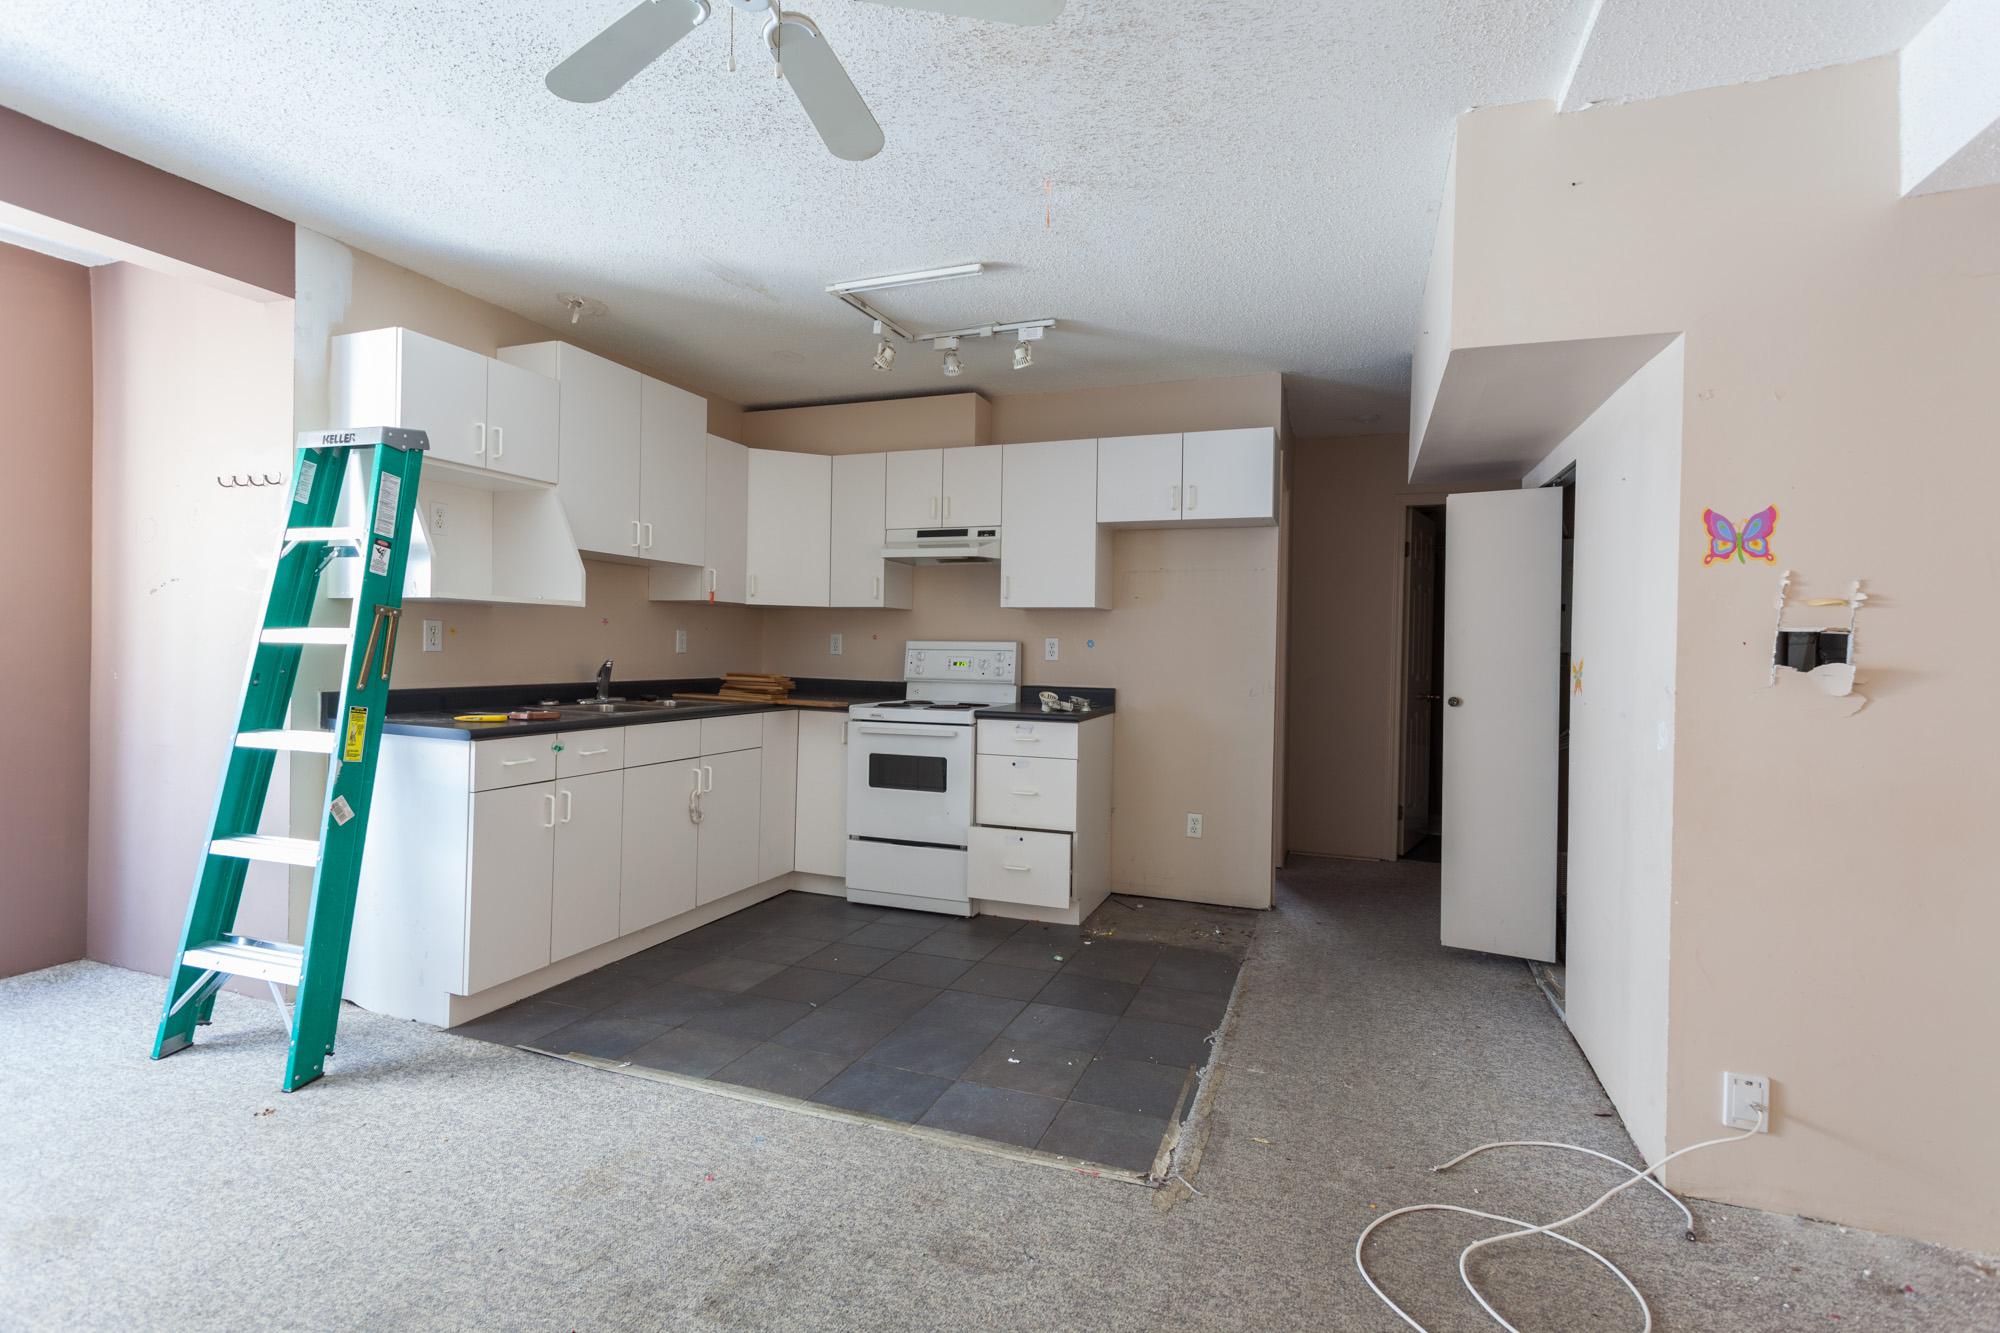 CK__suite kitchen.jpg